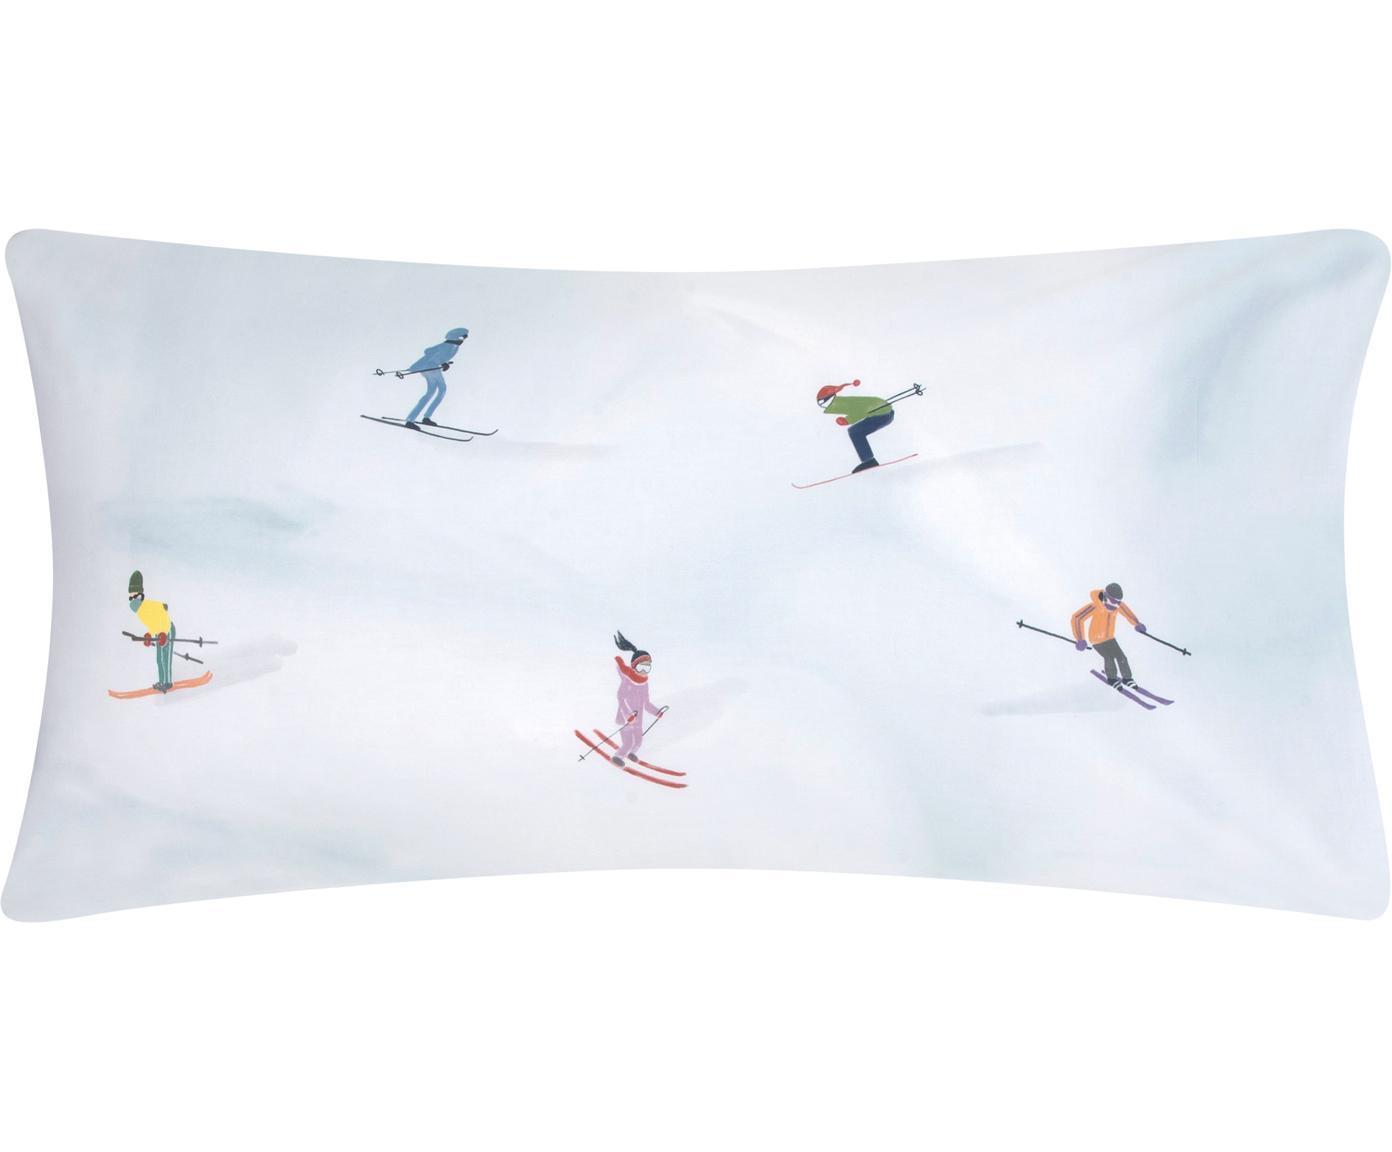 Poszewka na poduszkę z perkalu Ski od Kery Till, Biały, wielobarwny, S 40 x D 80 cm